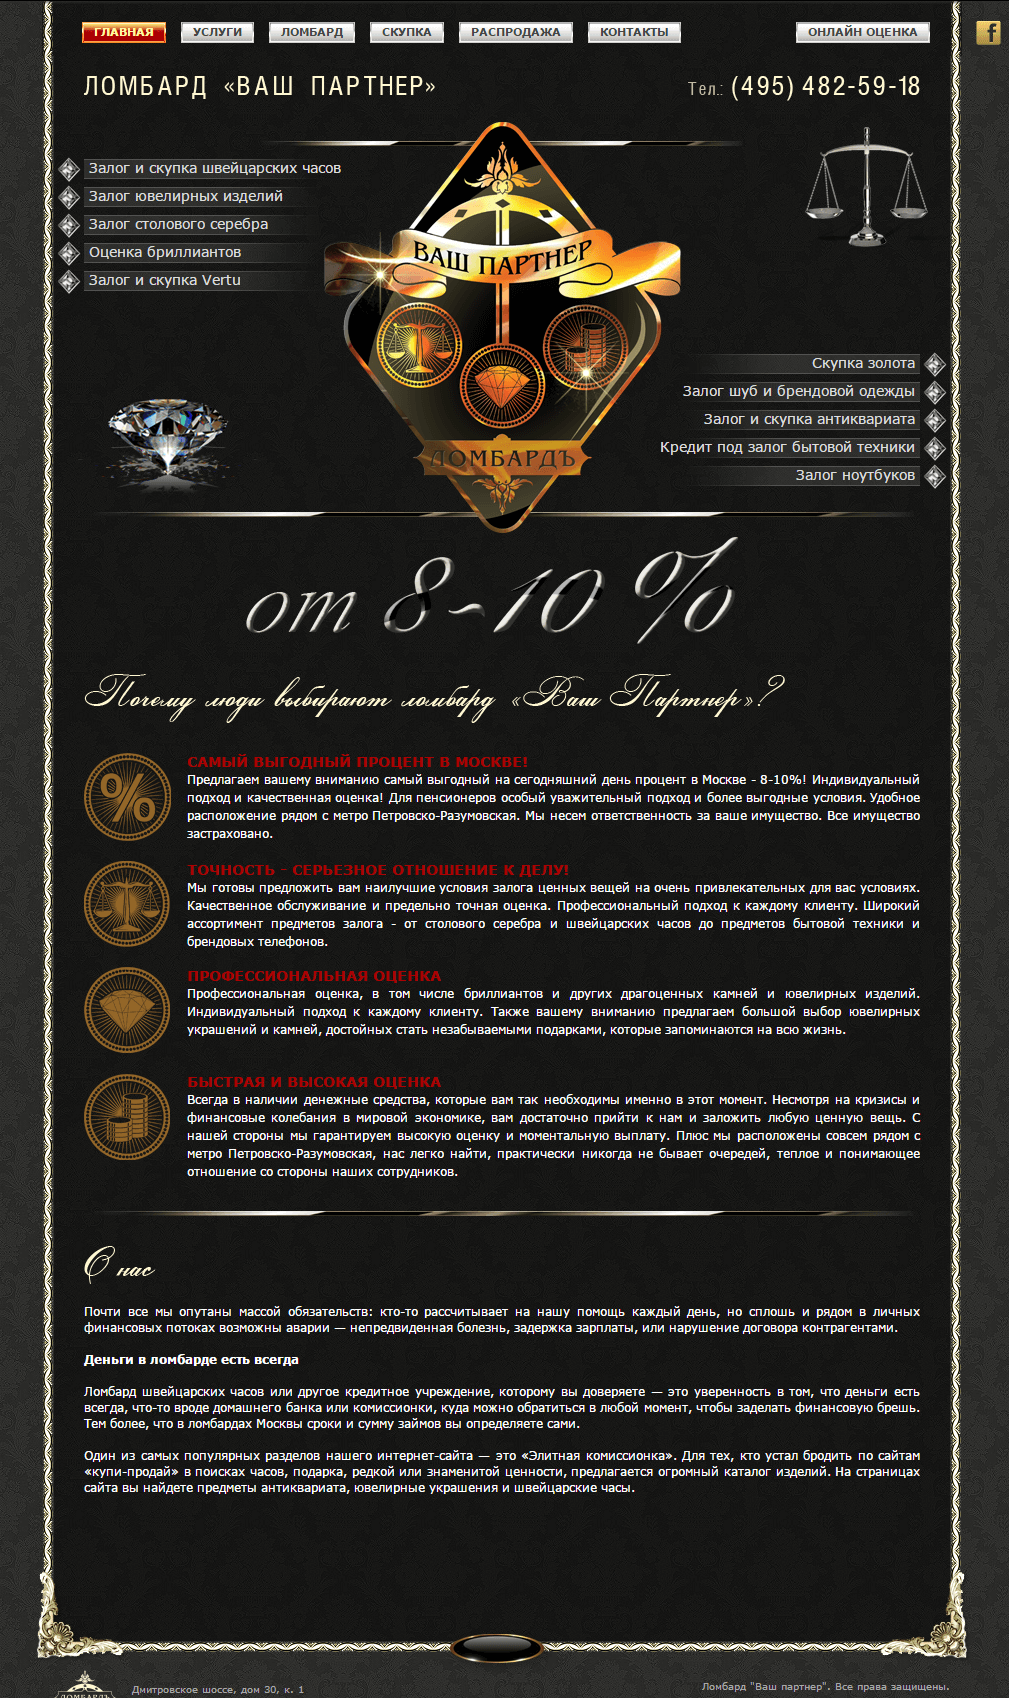 дизайн сайта ломбарда до подписания договора на продвижение